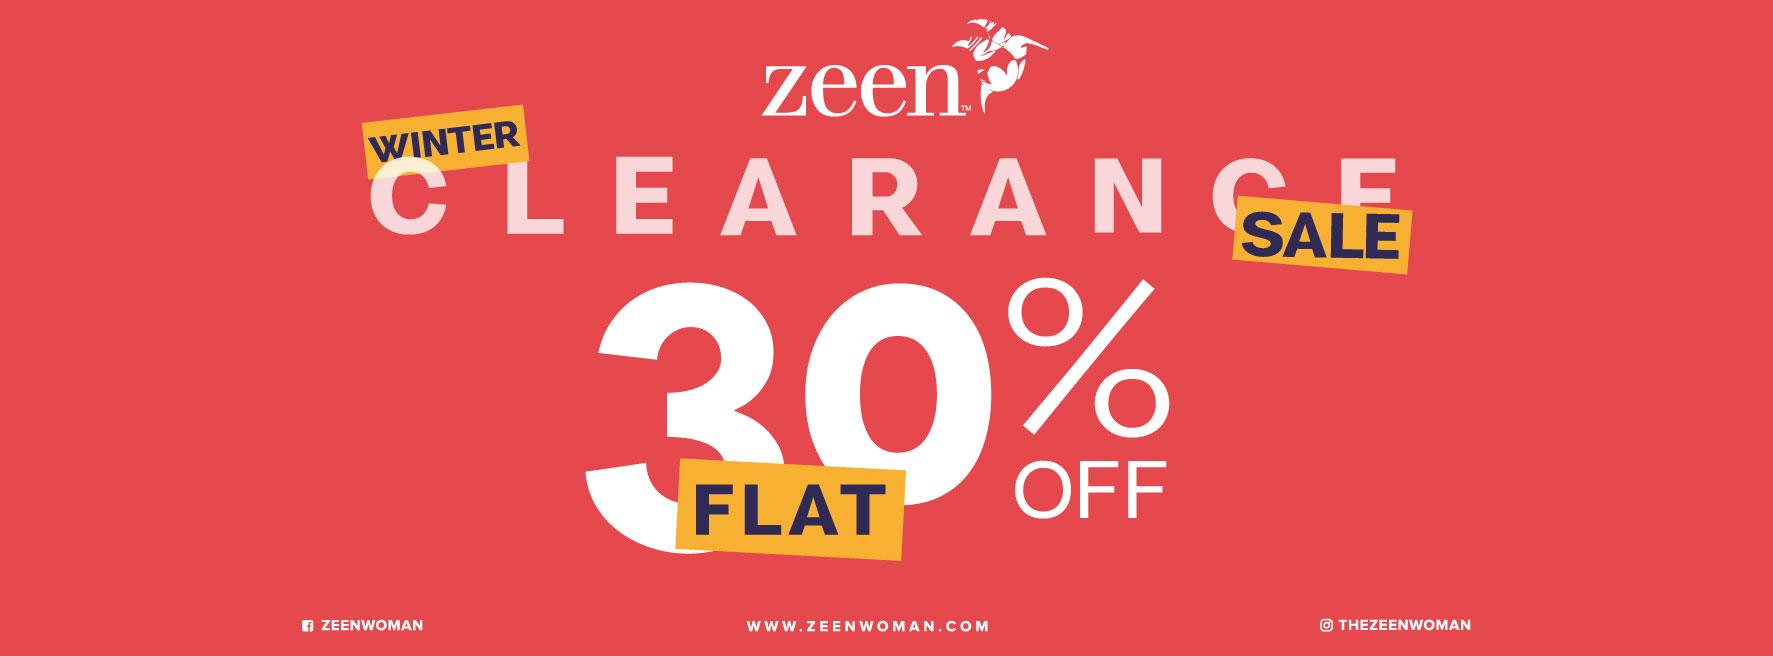 Zeen - Winter Clearance Sale